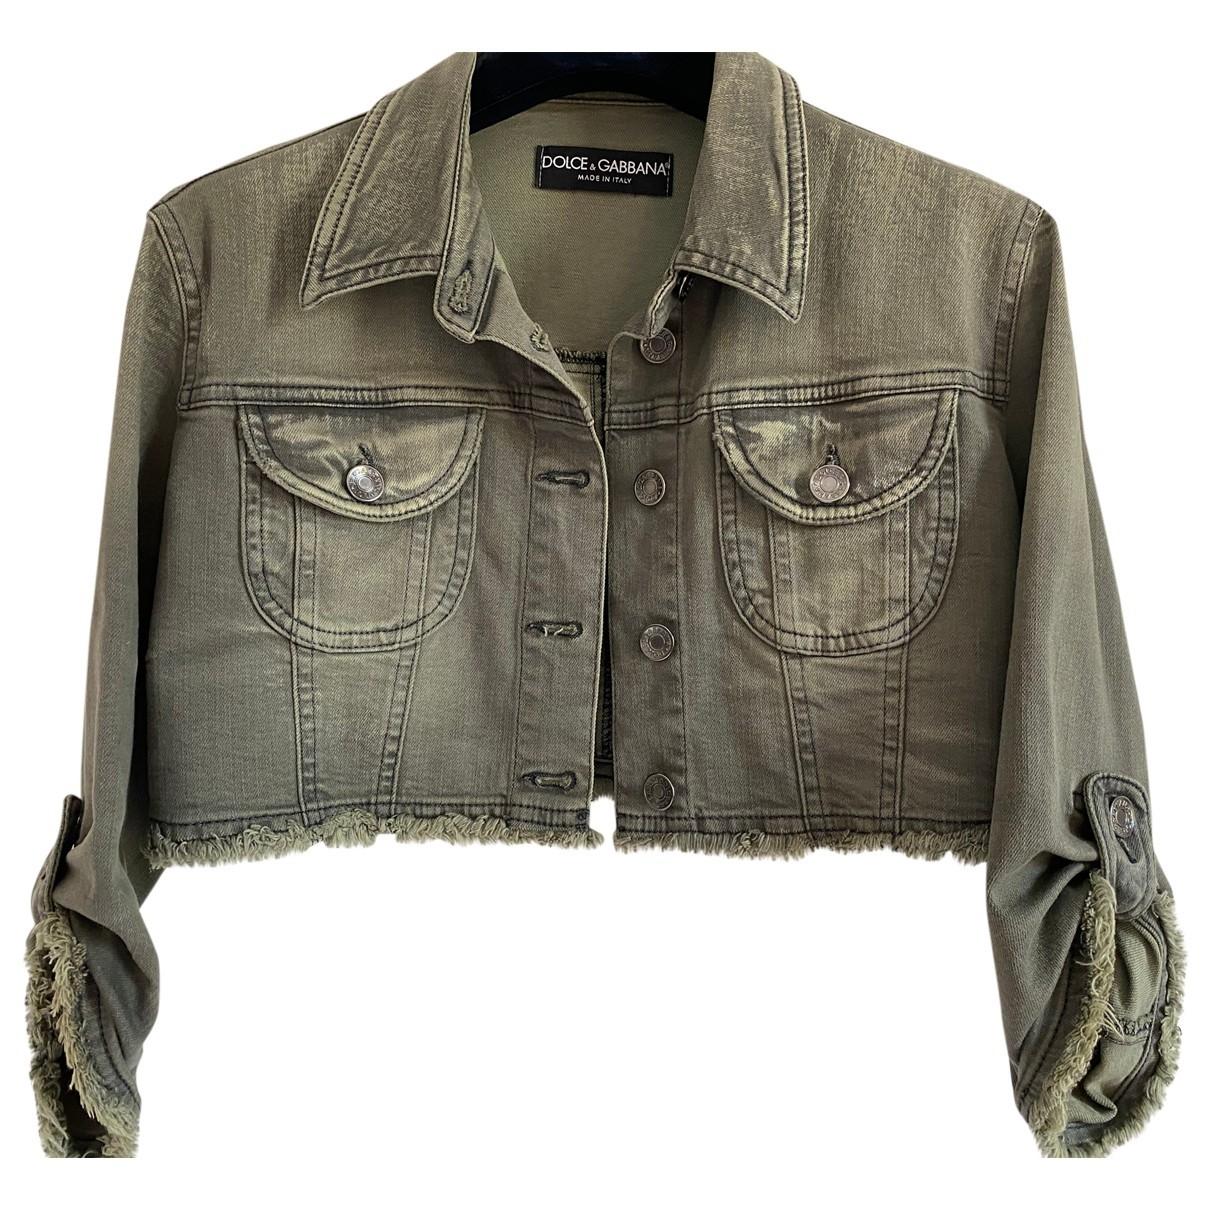 Dolce & Gabbana \N Green Denim - Jeans jacket for Women 38 IT